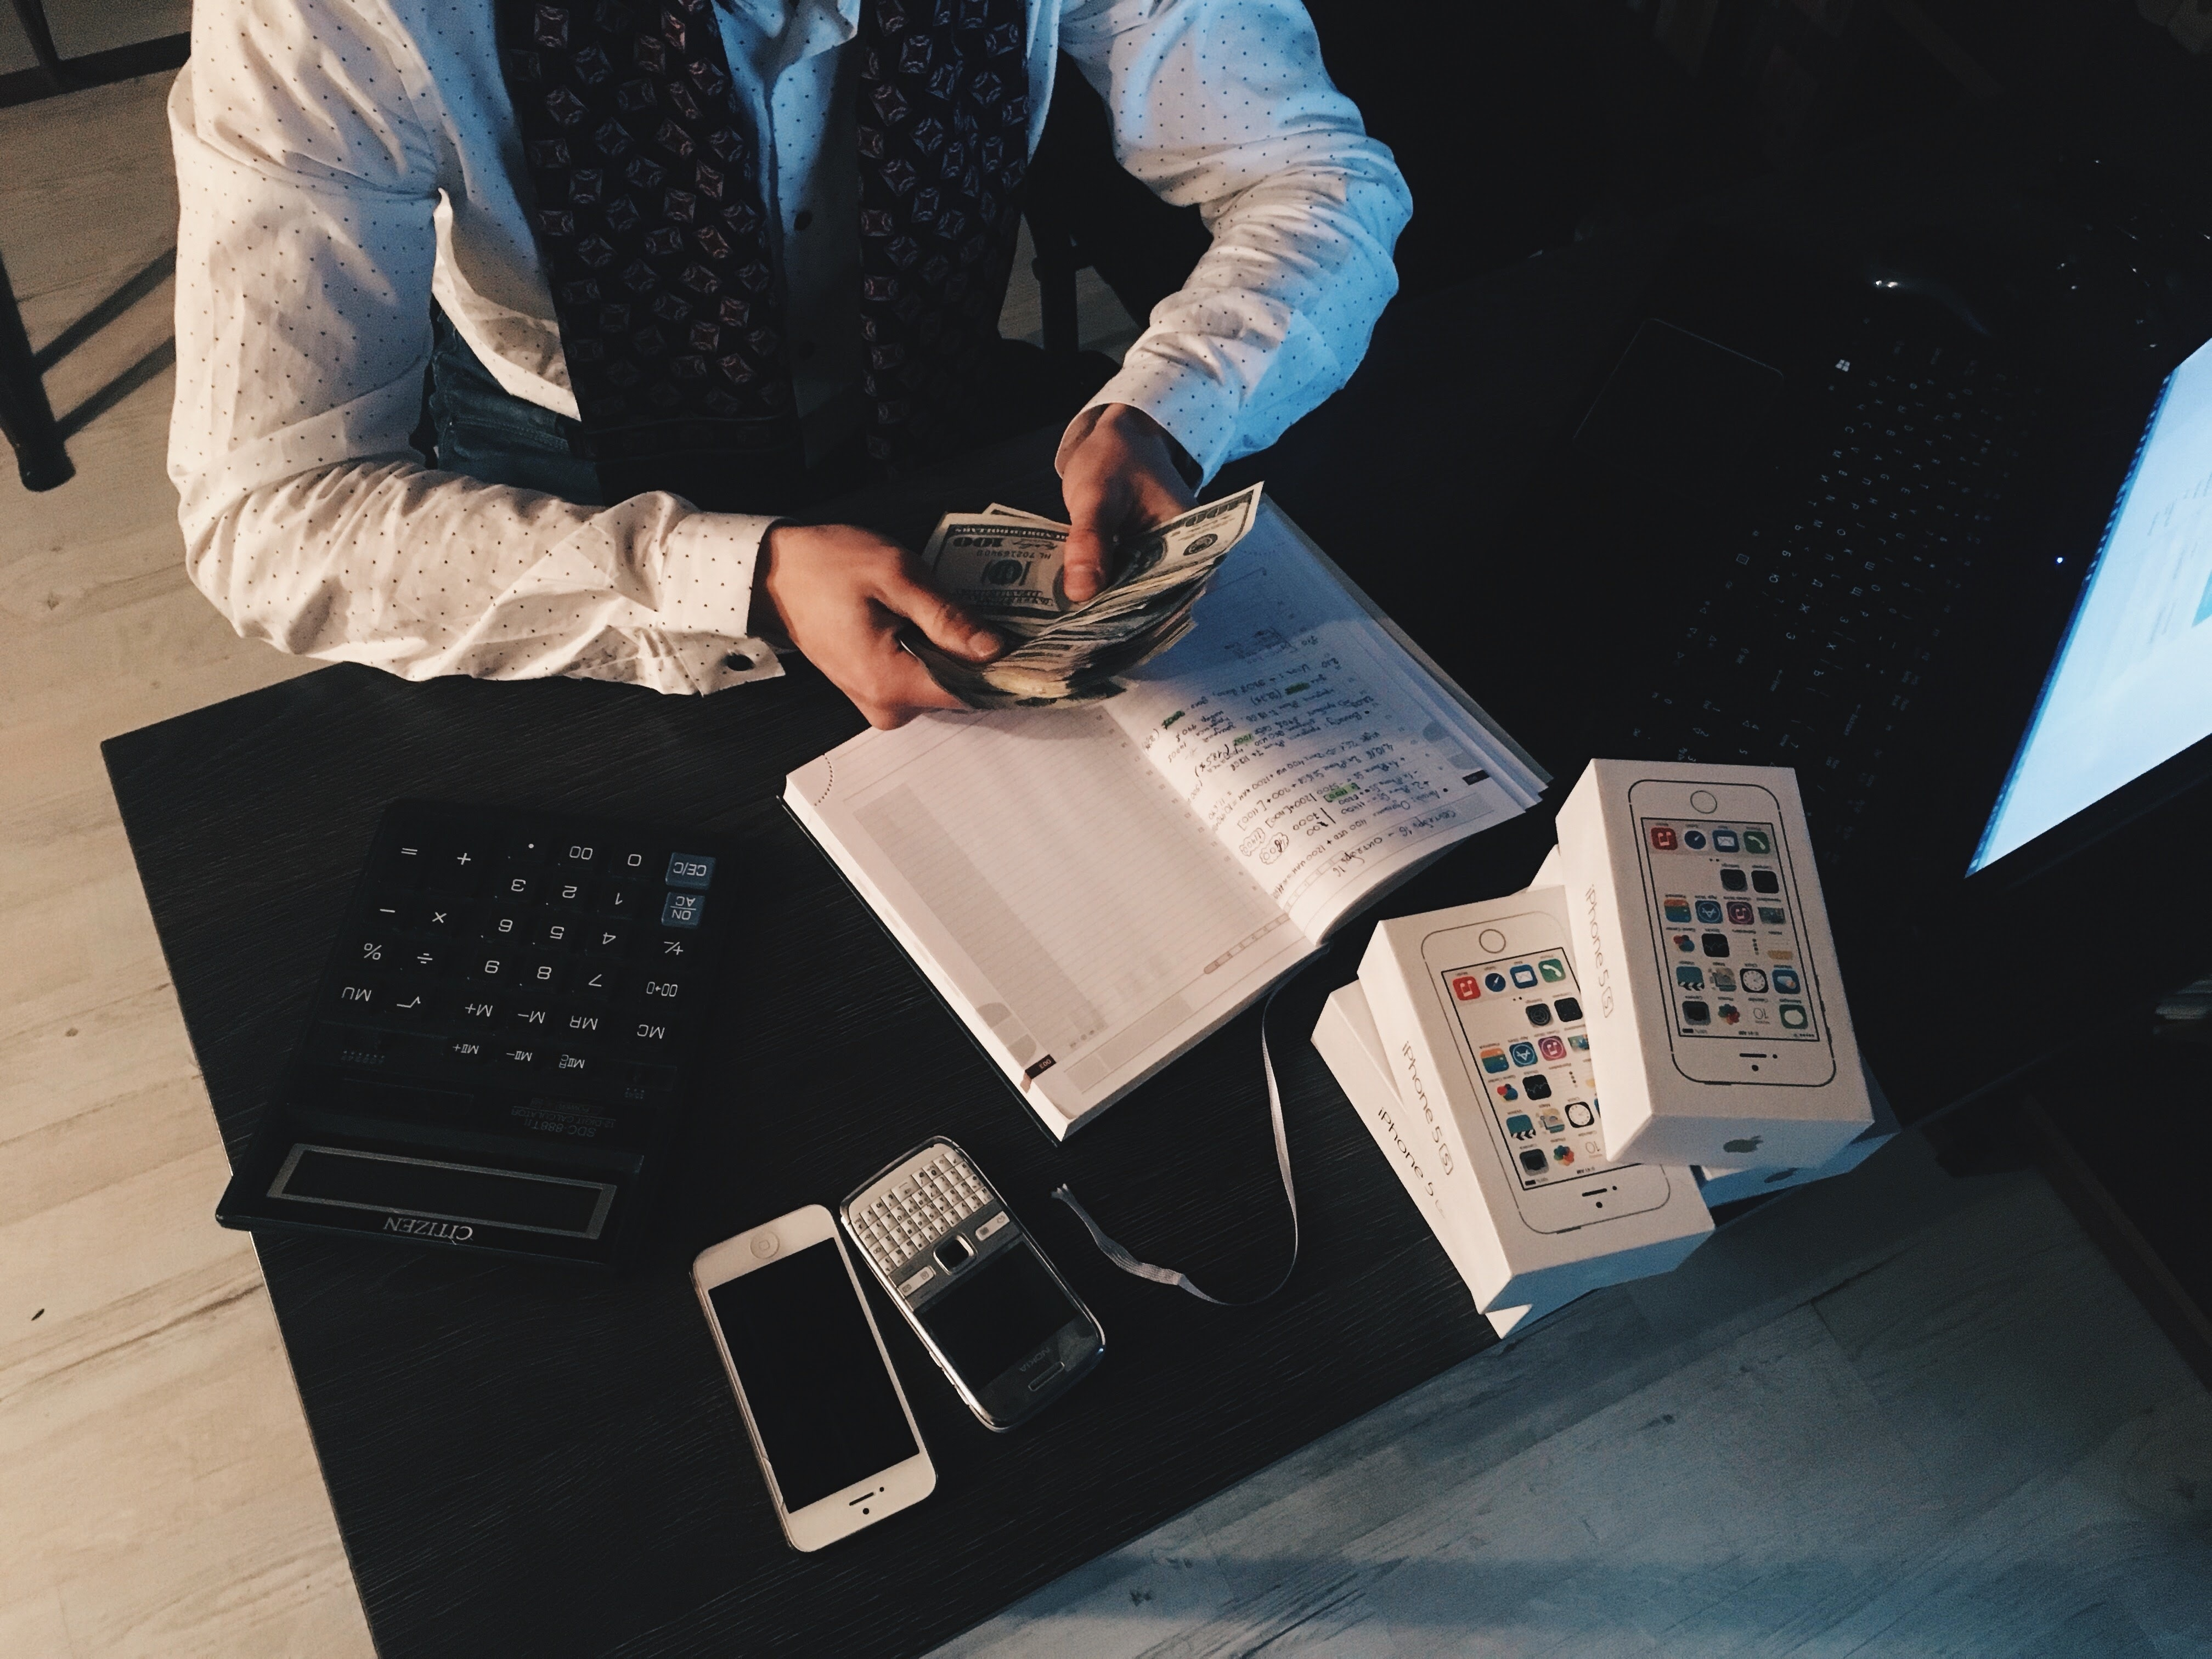 Заявка на кредит - що робити при відмові